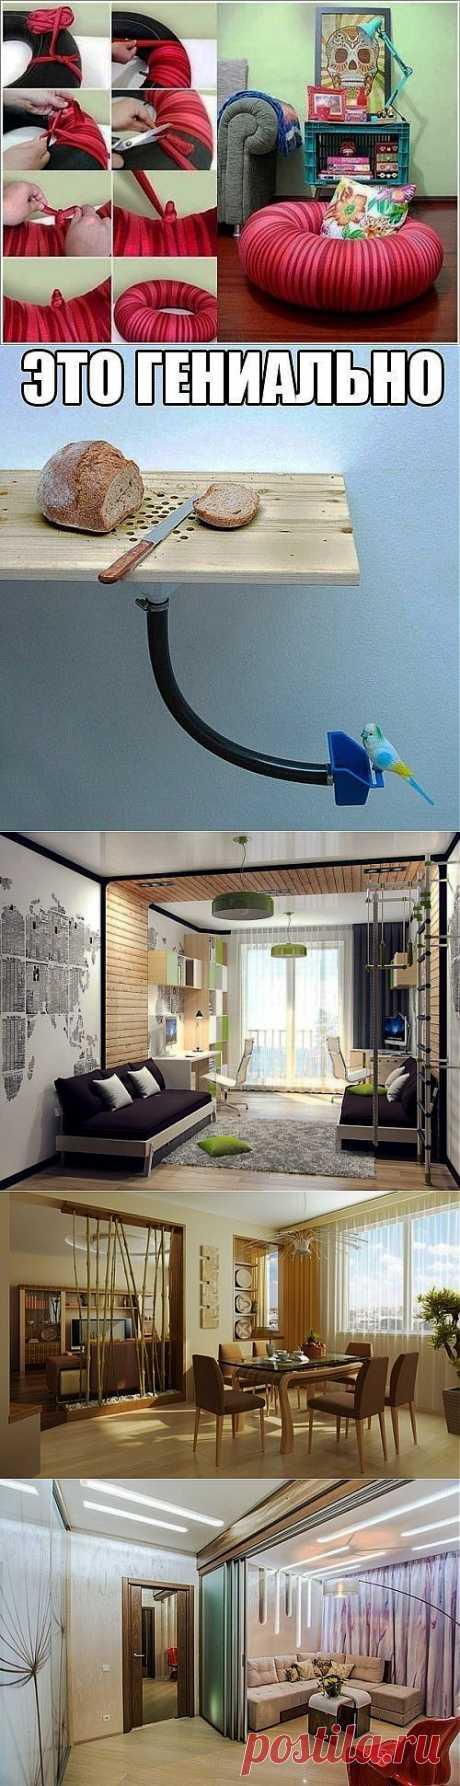 В. Контактный: Идеи вашего дома | Postila.ru